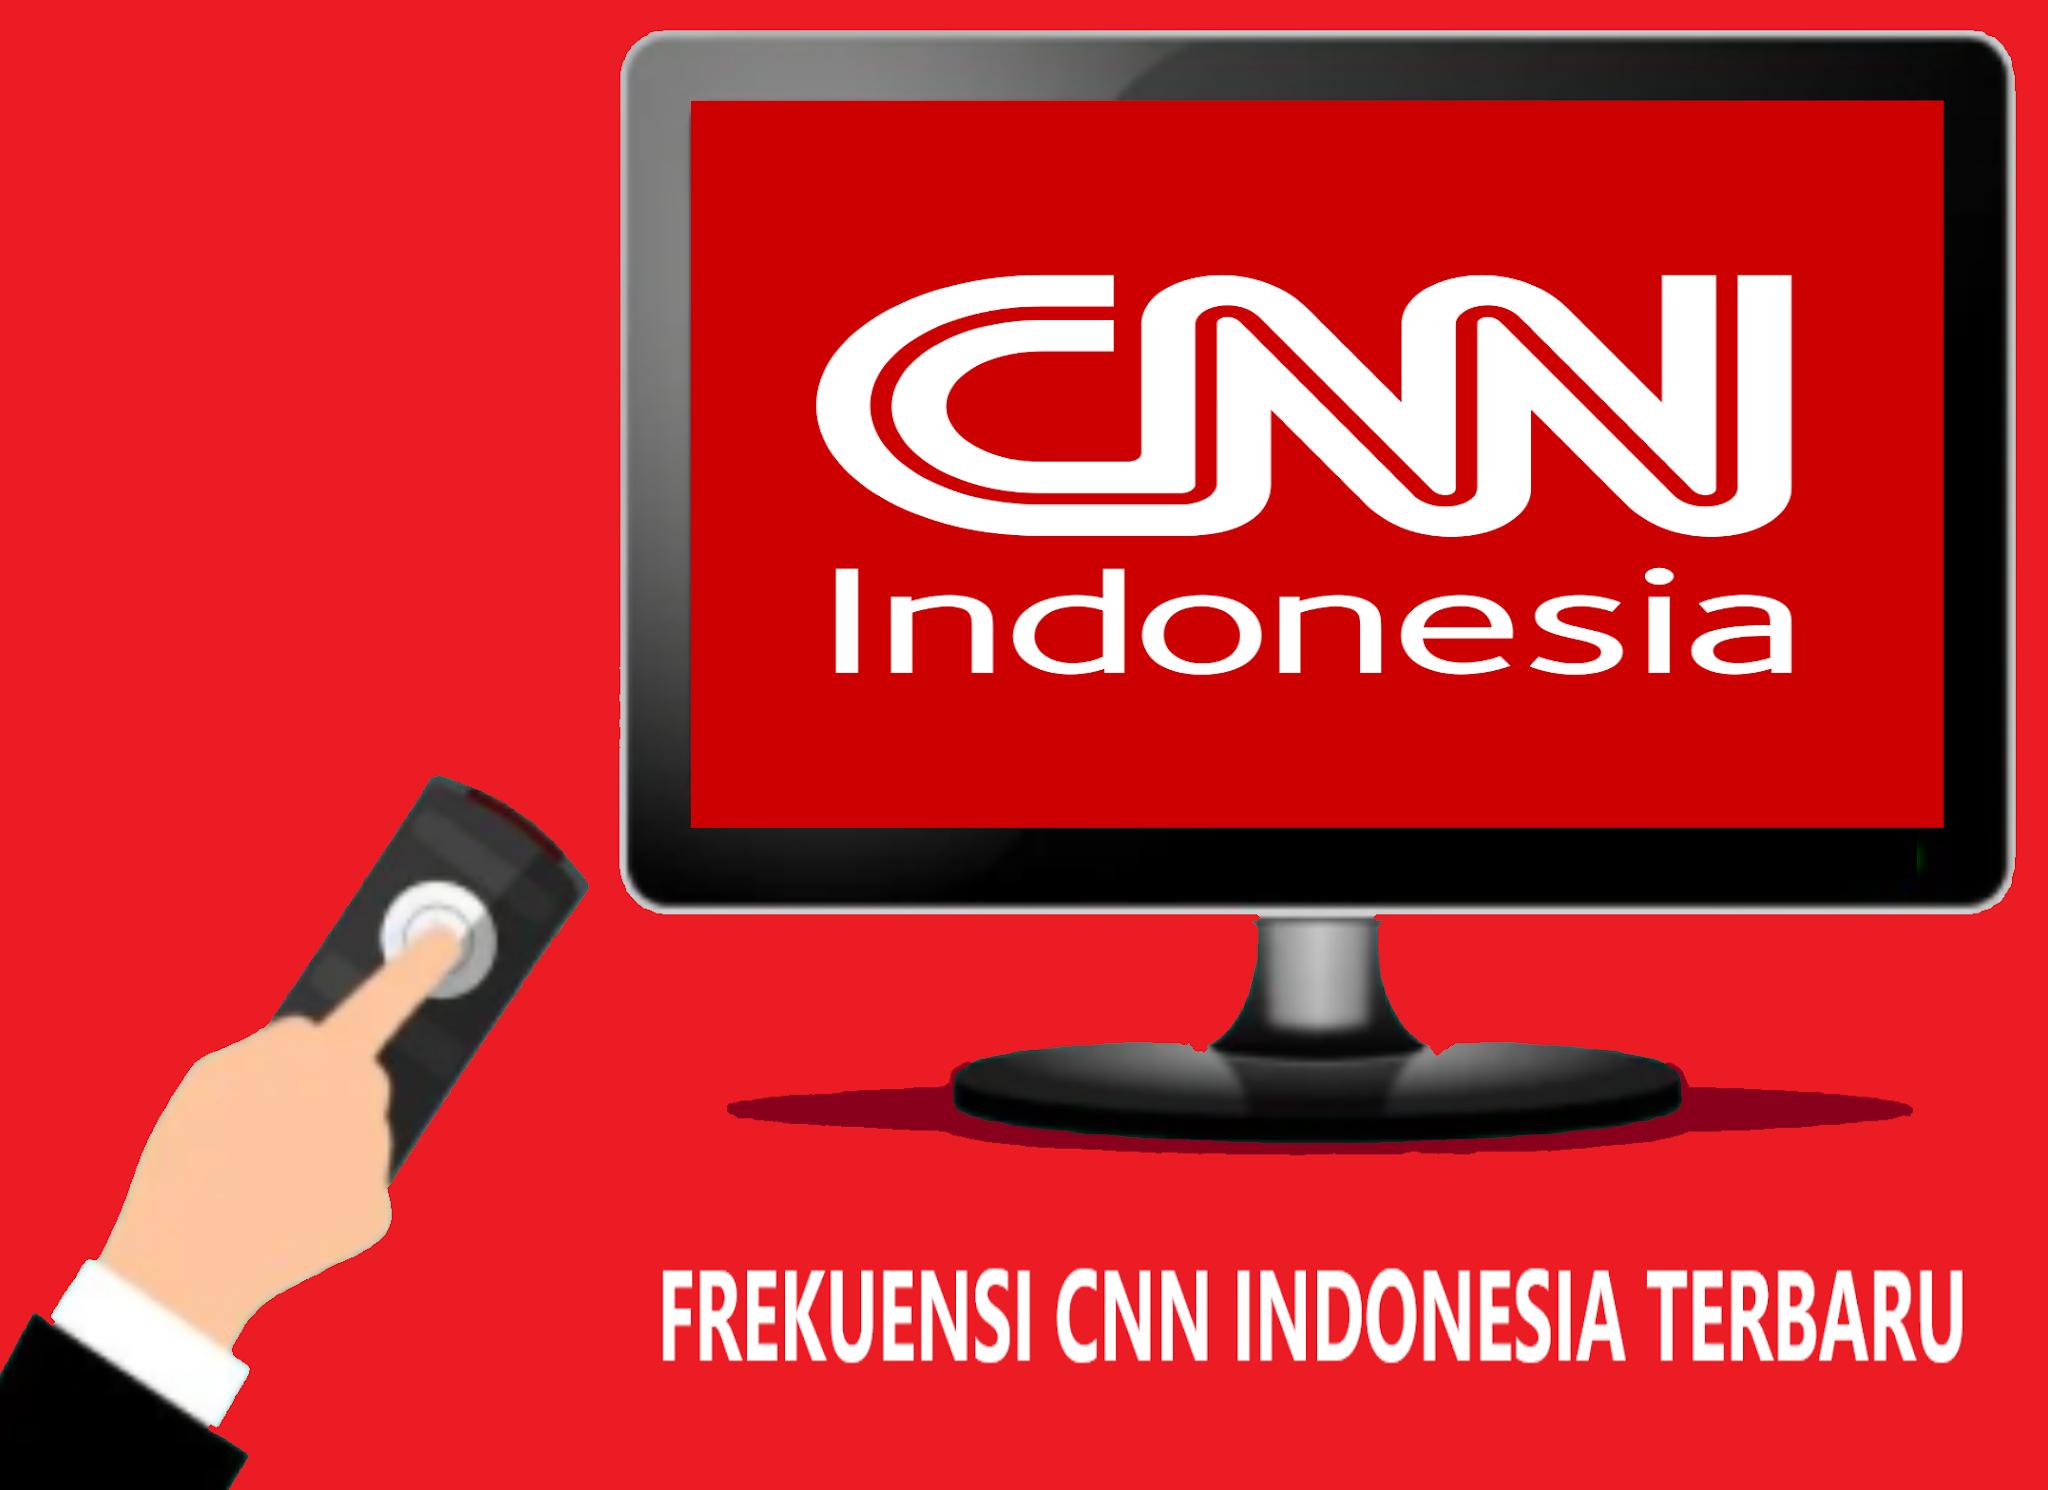 Frekuensi CNN Indonesia Terbaru Di Telkom 4 Update 2020